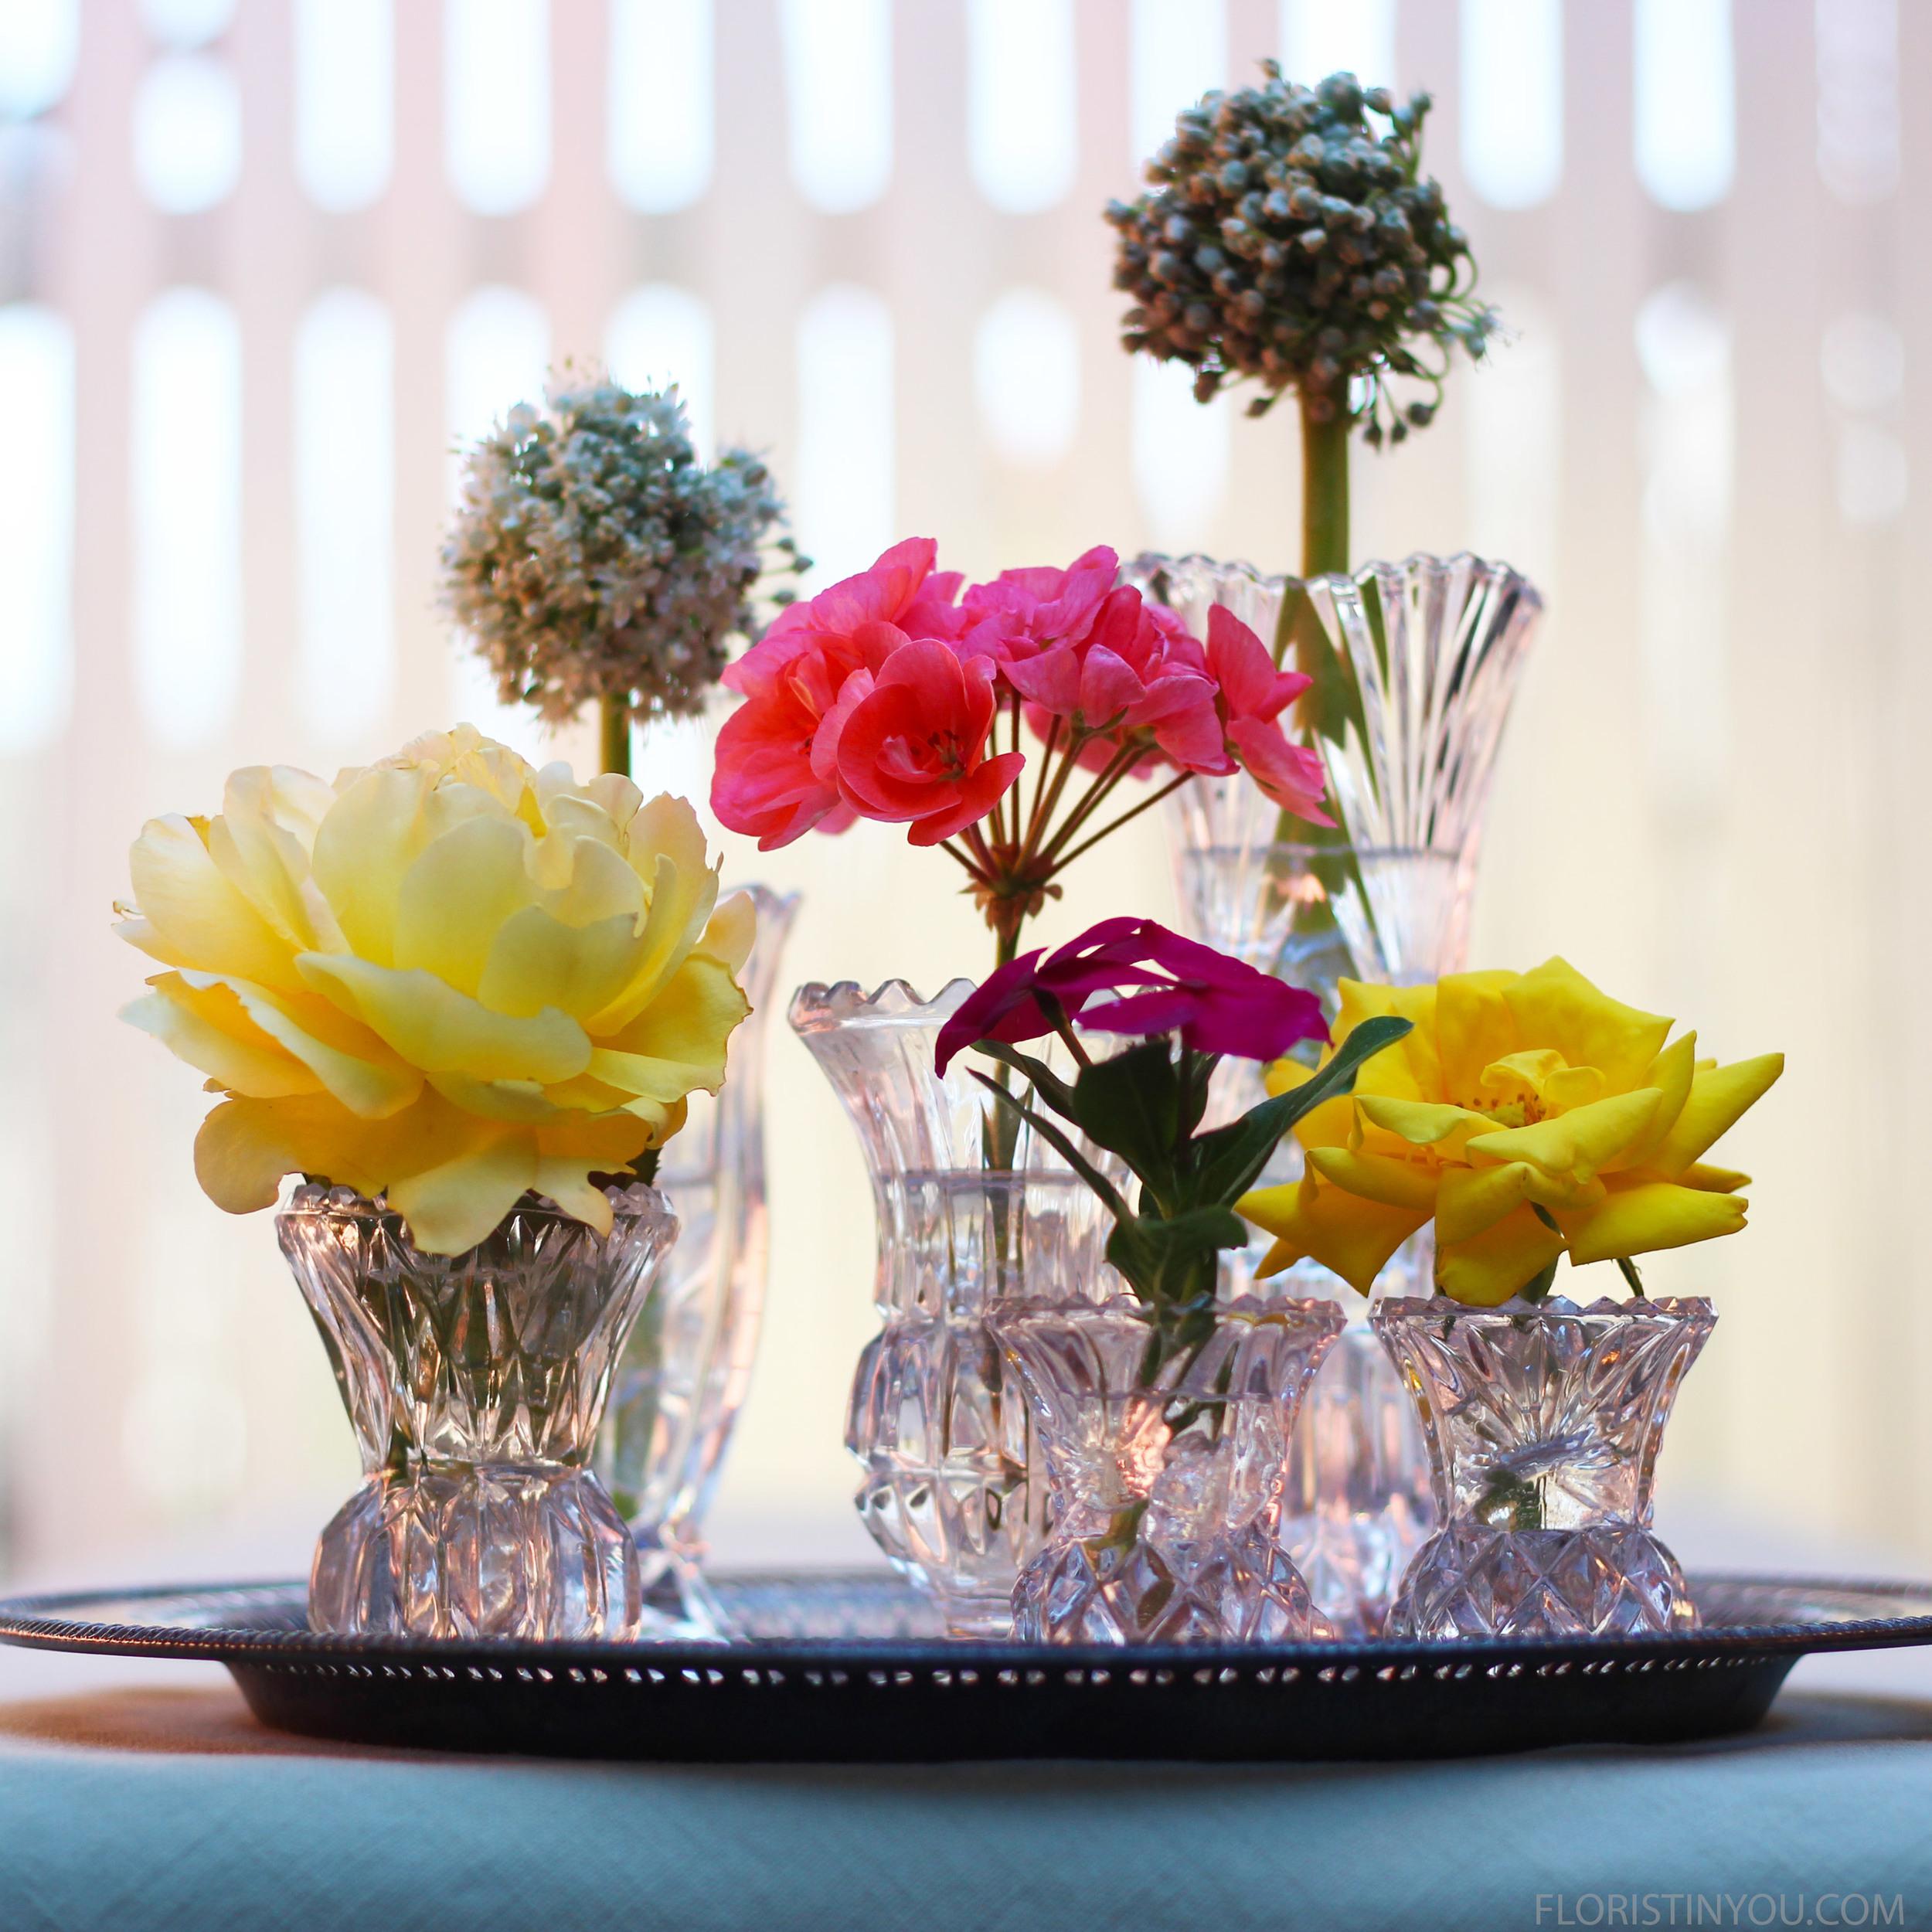 """Crystal Bud Vase Arrangement                     Normal   0           false   false   false     EN-US   JA   X-NONE                                                                                                                                                                                                                                                                                                                                                                              /* Style Definitions */ table.MsoNormalTable {mso-style-name:""""Table Normal""""; mso-tstyle-rowband-size:0; mso-tstyle-colband-size:0; mso-style-noshow:yes; mso-style-priority:99; mso-style-parent:""""""""; mso-padding-alt:0in 5.4pt 0in 5.4pt; mso-para-margin:0in; mso-para-margin-bottom:.0001pt; mso-pagination:widow-orphan; font-size:12.0pt; font-family:Cambria; mso-ascii-font-family:Cambria; mso-ascii-theme-font:minor-latin; mso-hansi-font-family:Cambria; mso-hansi-theme-font:minor-latin;}"""